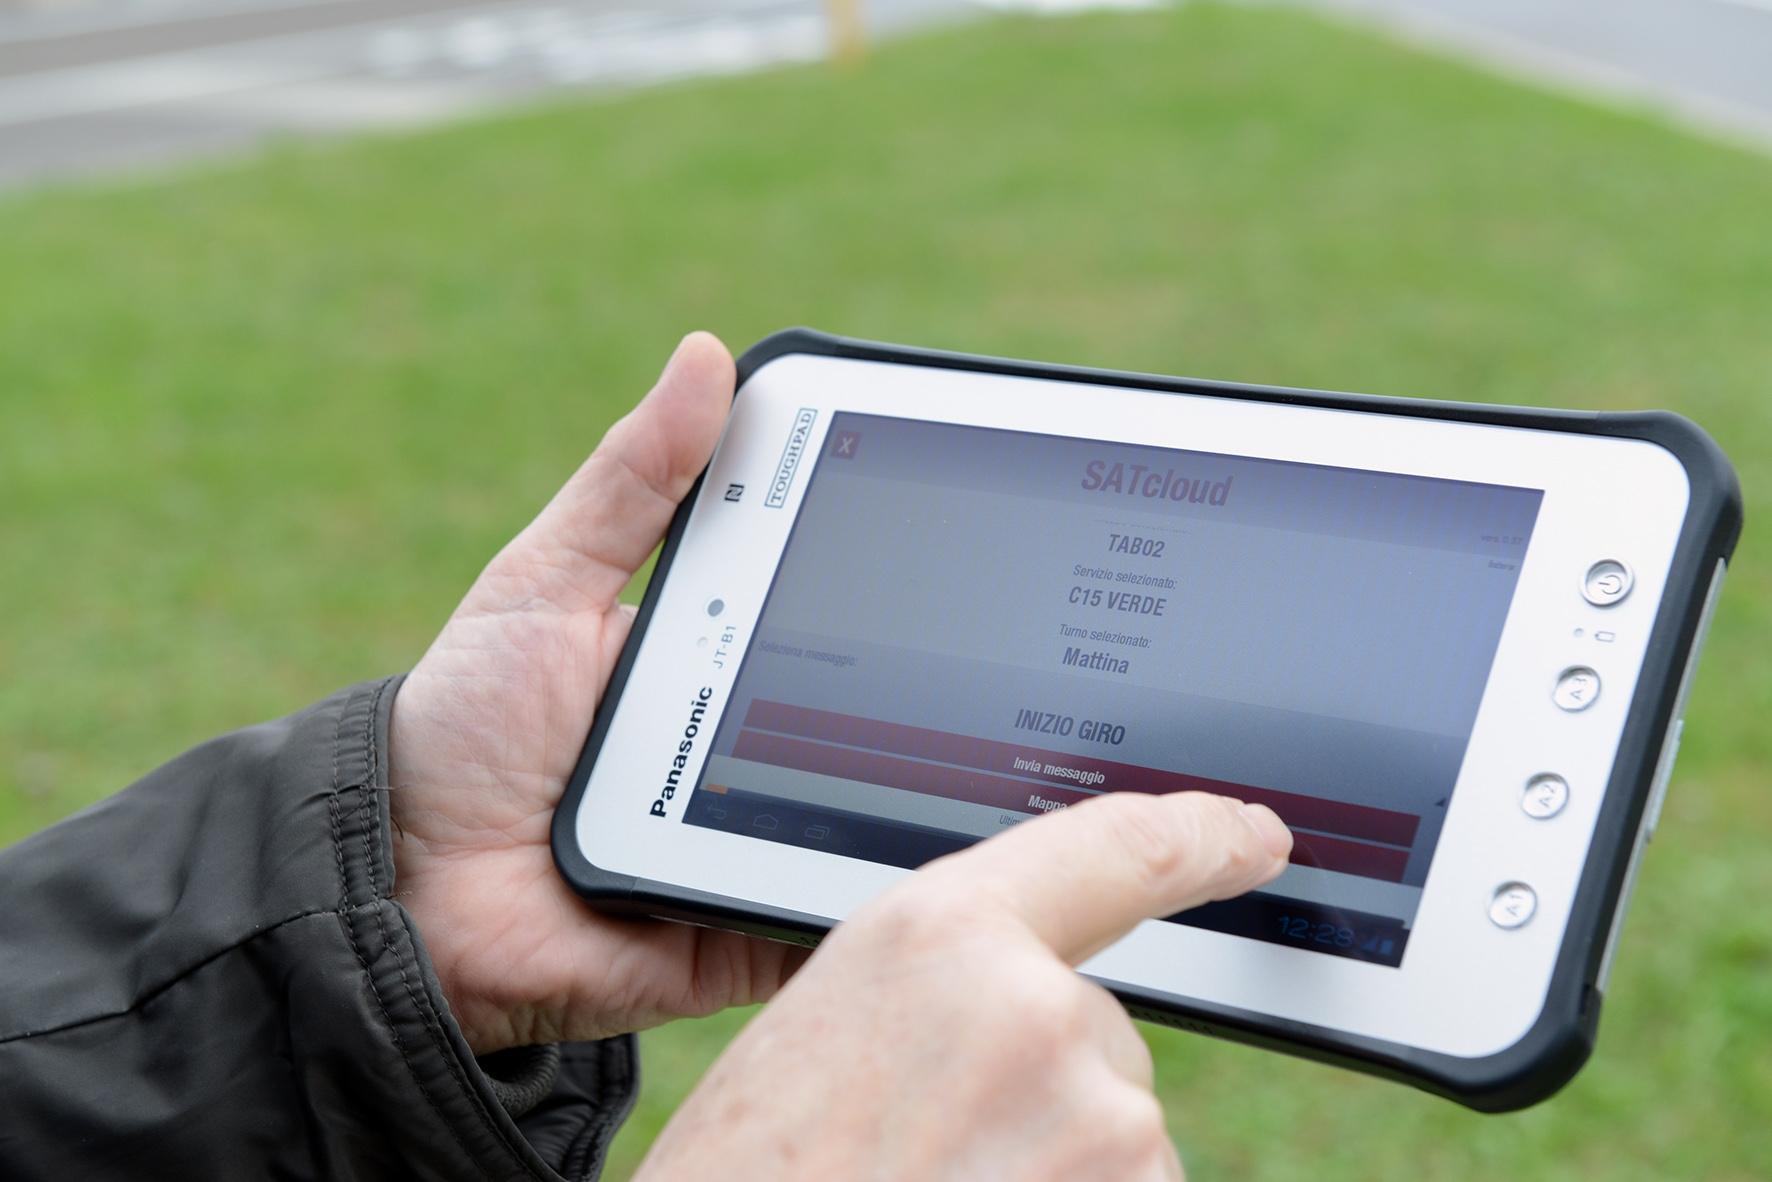 tablet-spazzini-padova.jpg